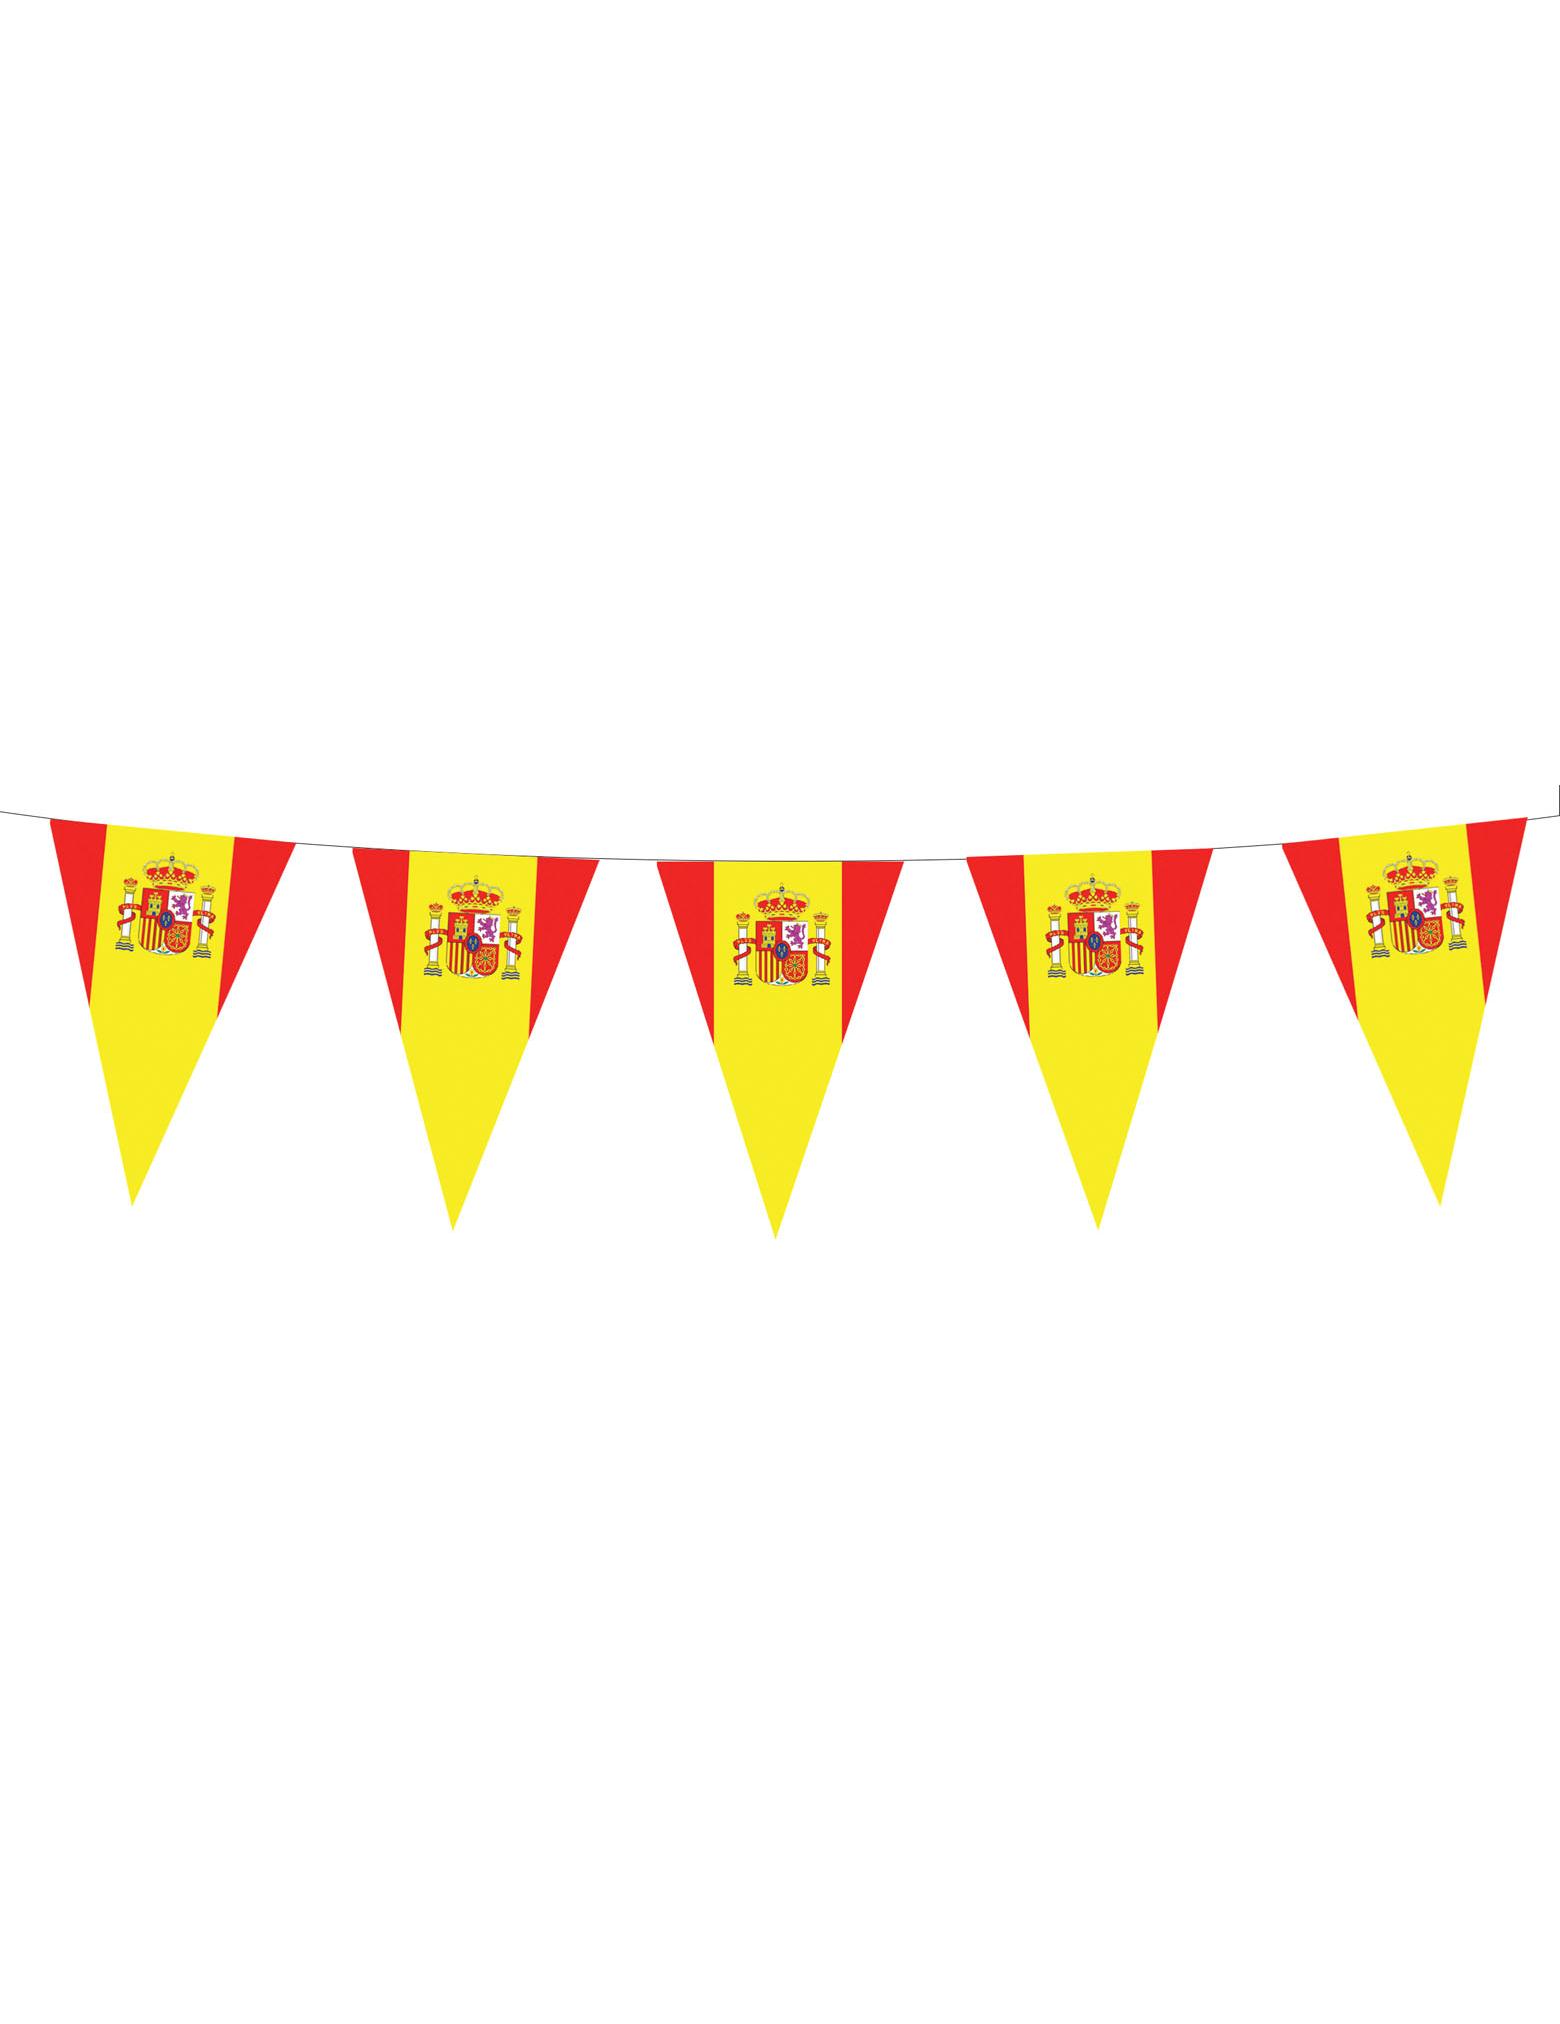 Spanien Wimpelgirlande Fanartikel Rot Gelb 5m G Nstige